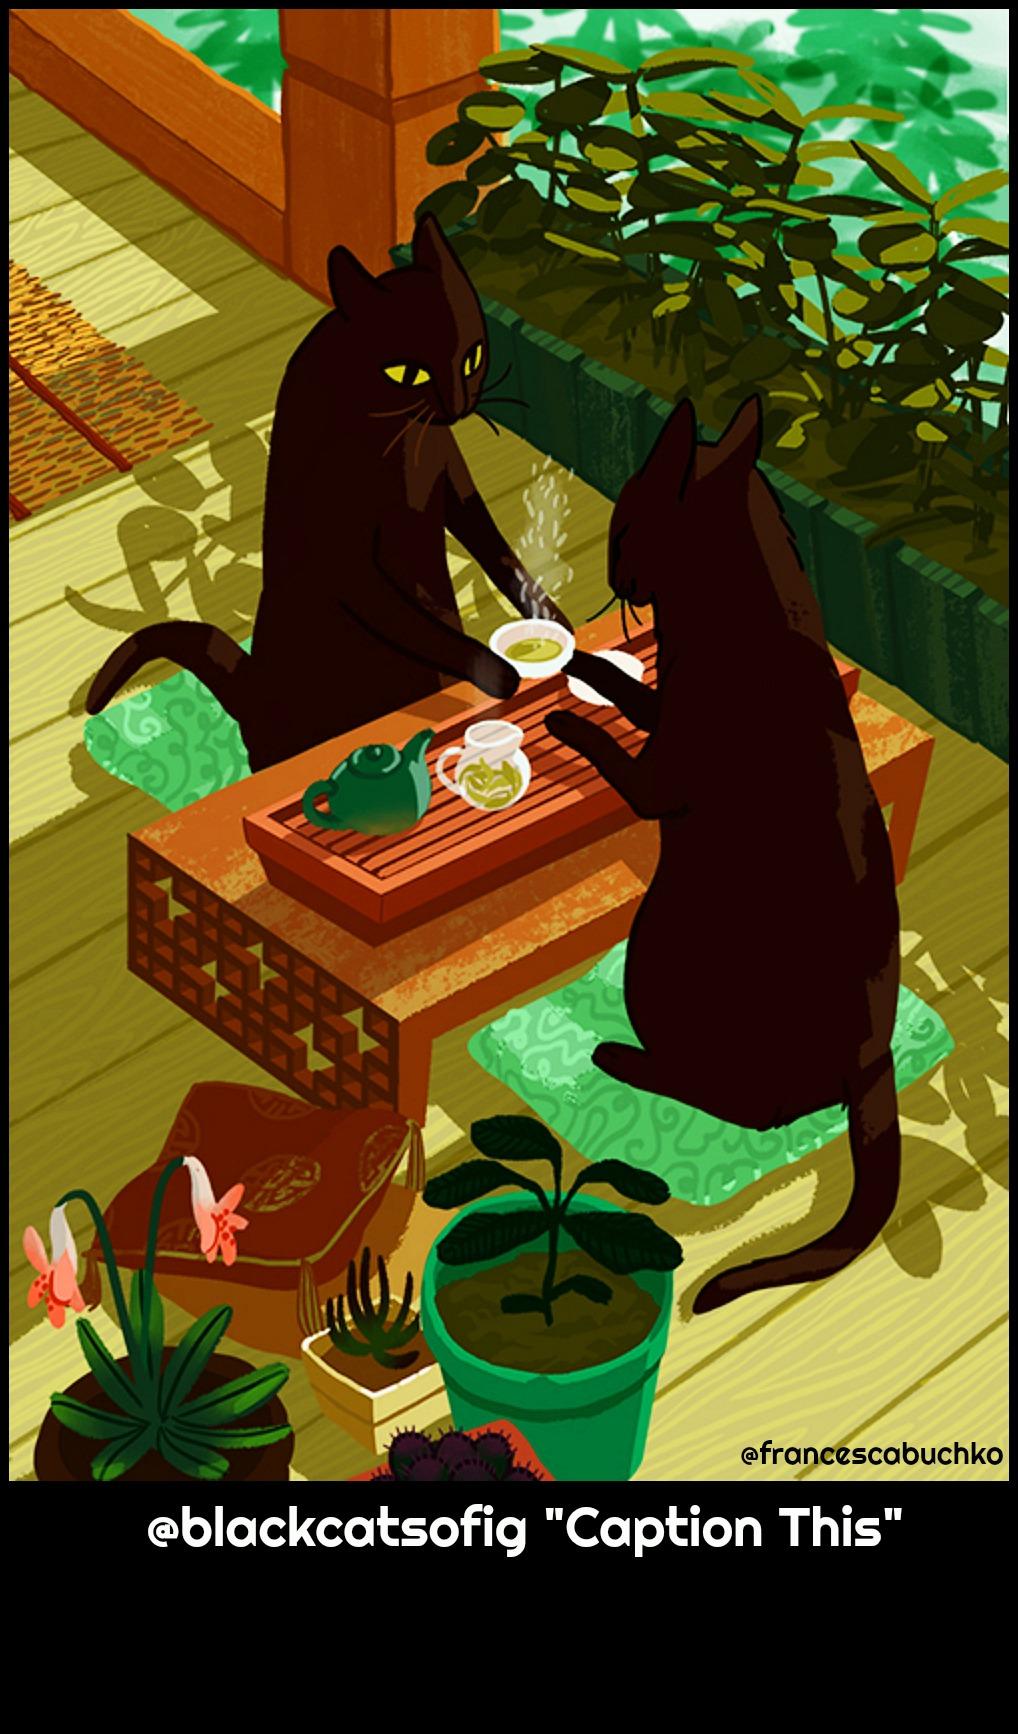 tea-black_cats-francesca-buchko